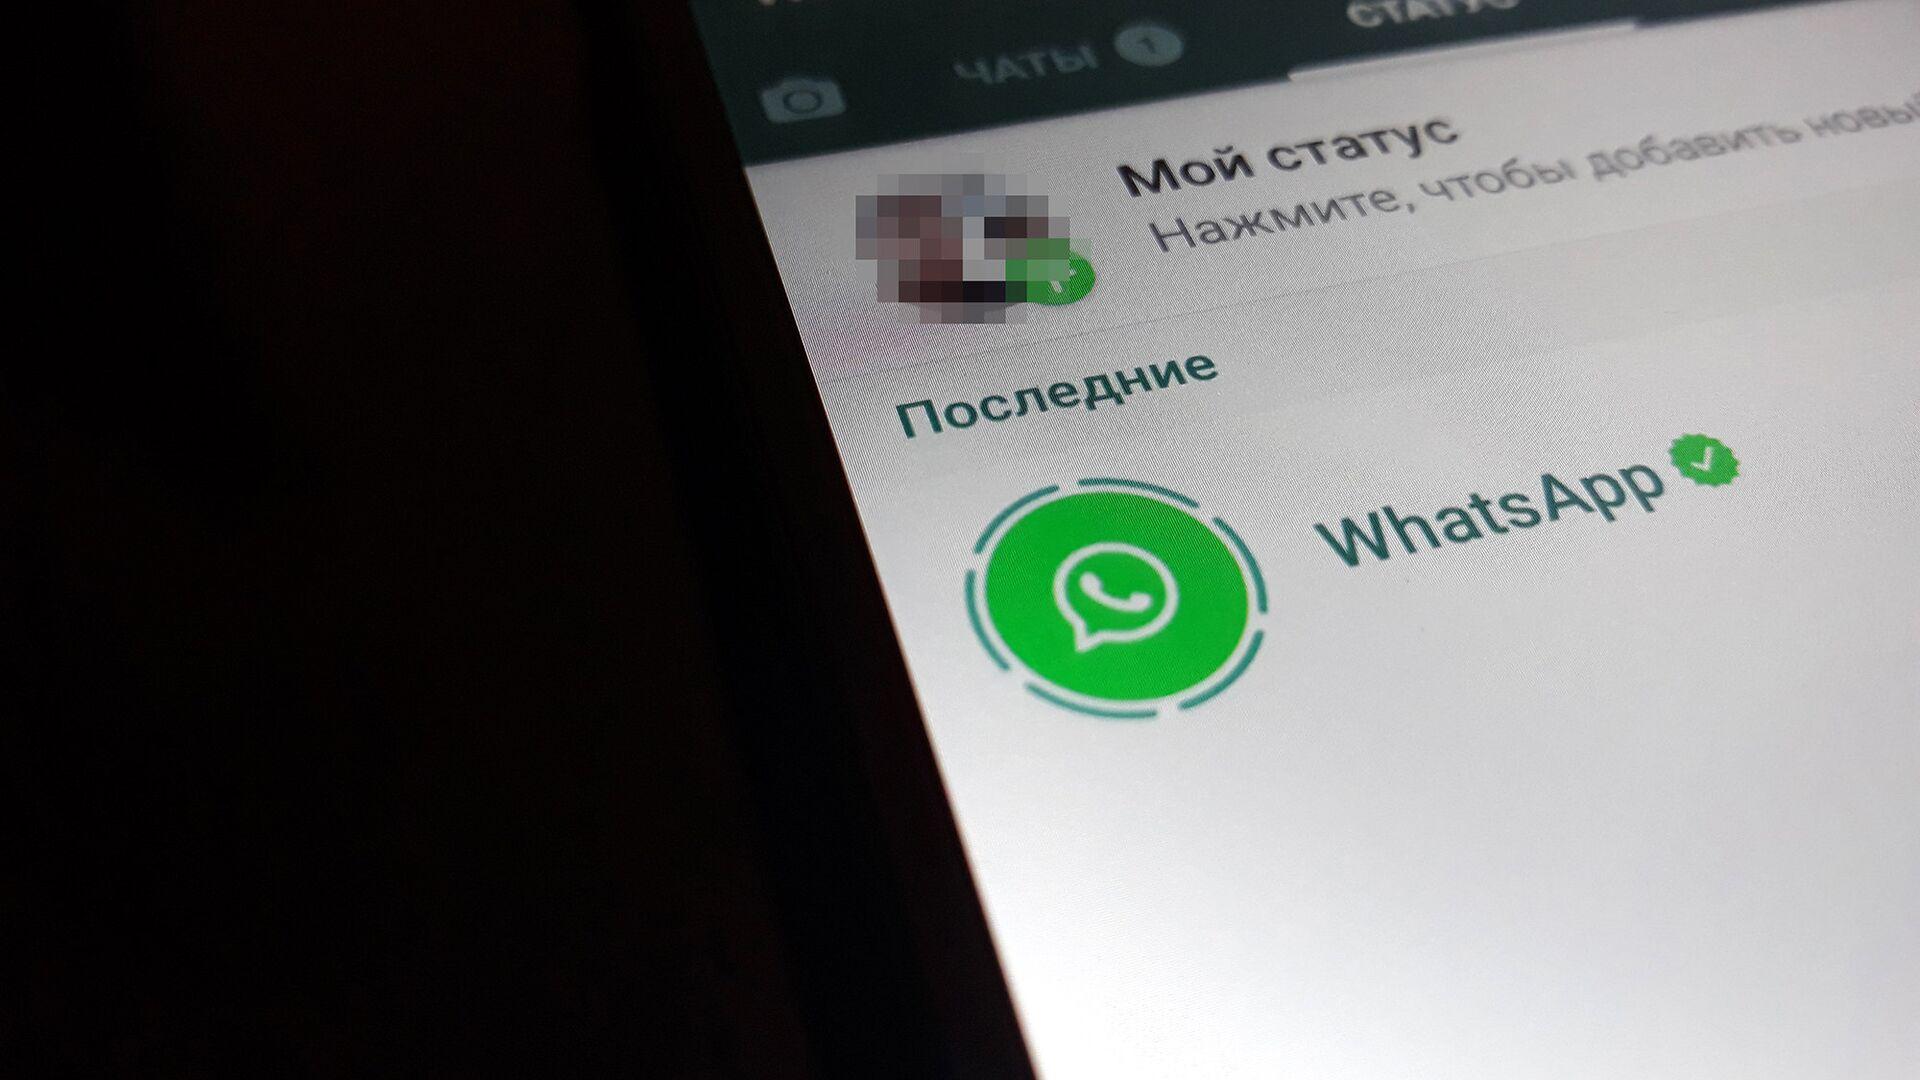 Telefonda Whatsapp tətbiqinin loqosu, arxiv şəkli - Sputnik Azərbaycan, 1920, 13.10.2021